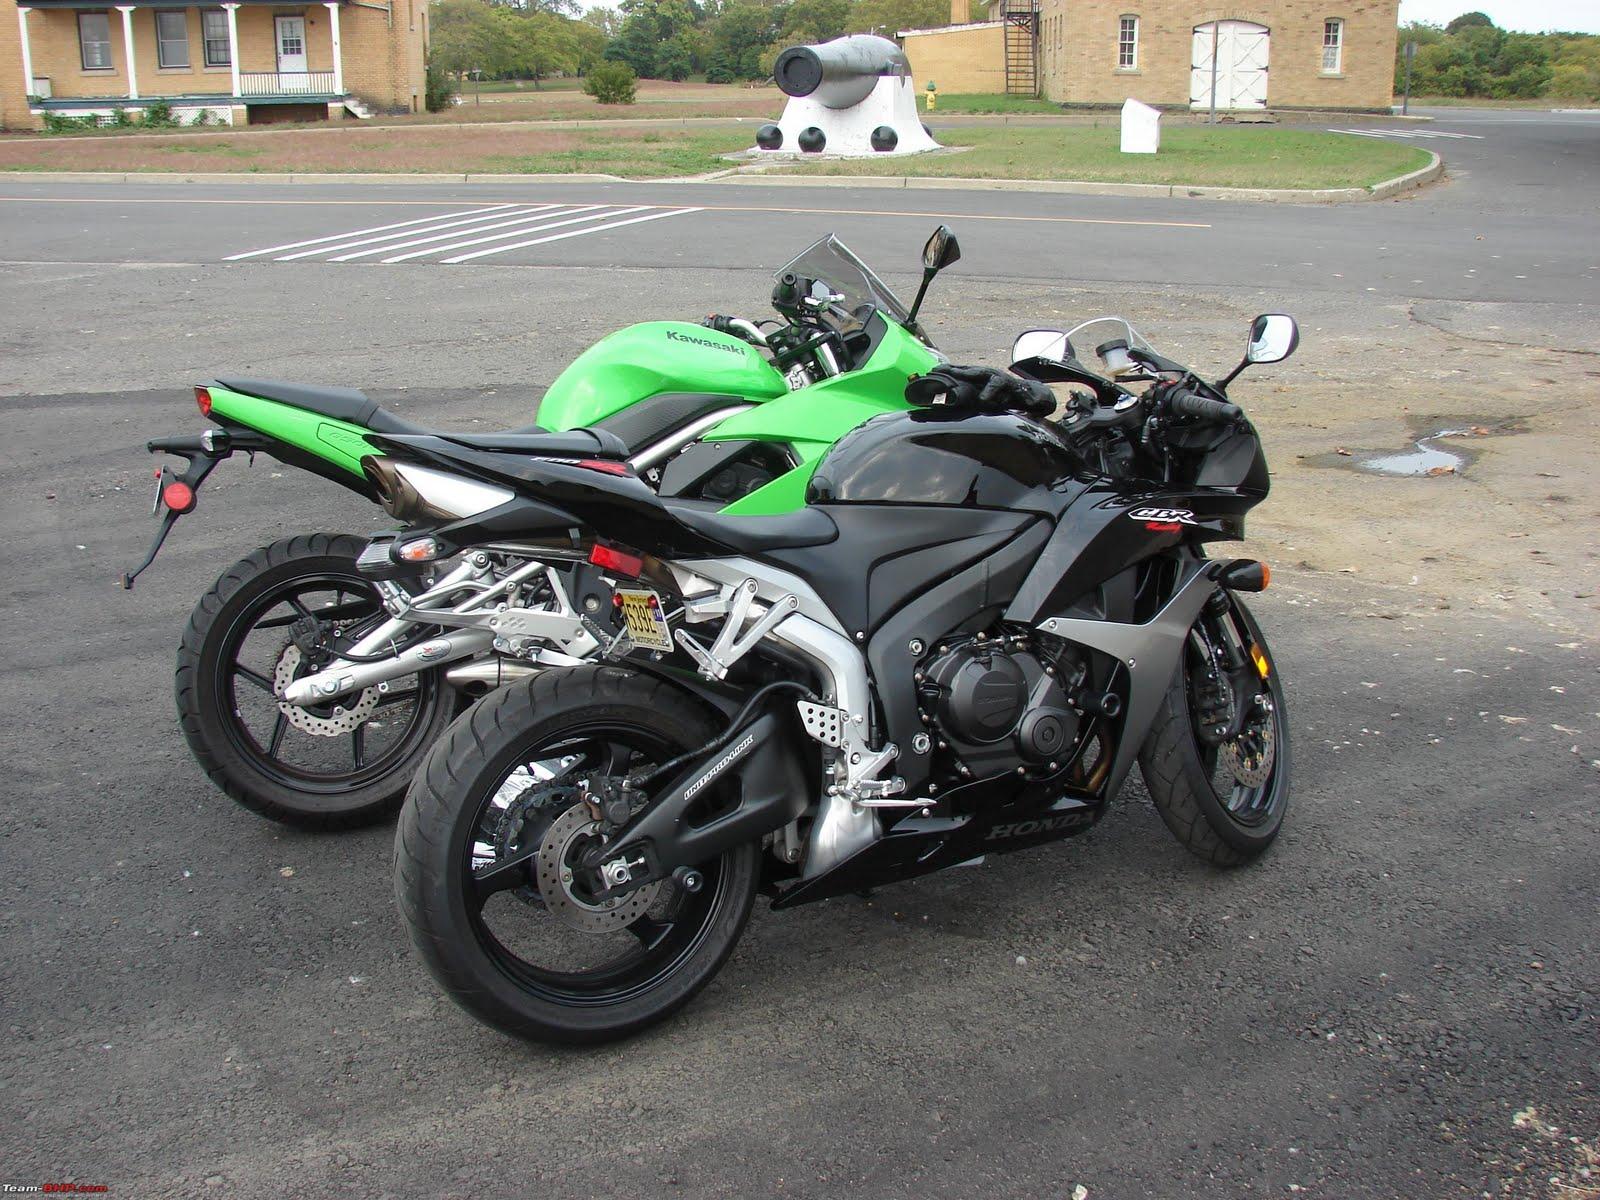 HI-TECH Automotive: SPorts Bike Kawasaki Ninja 650R: